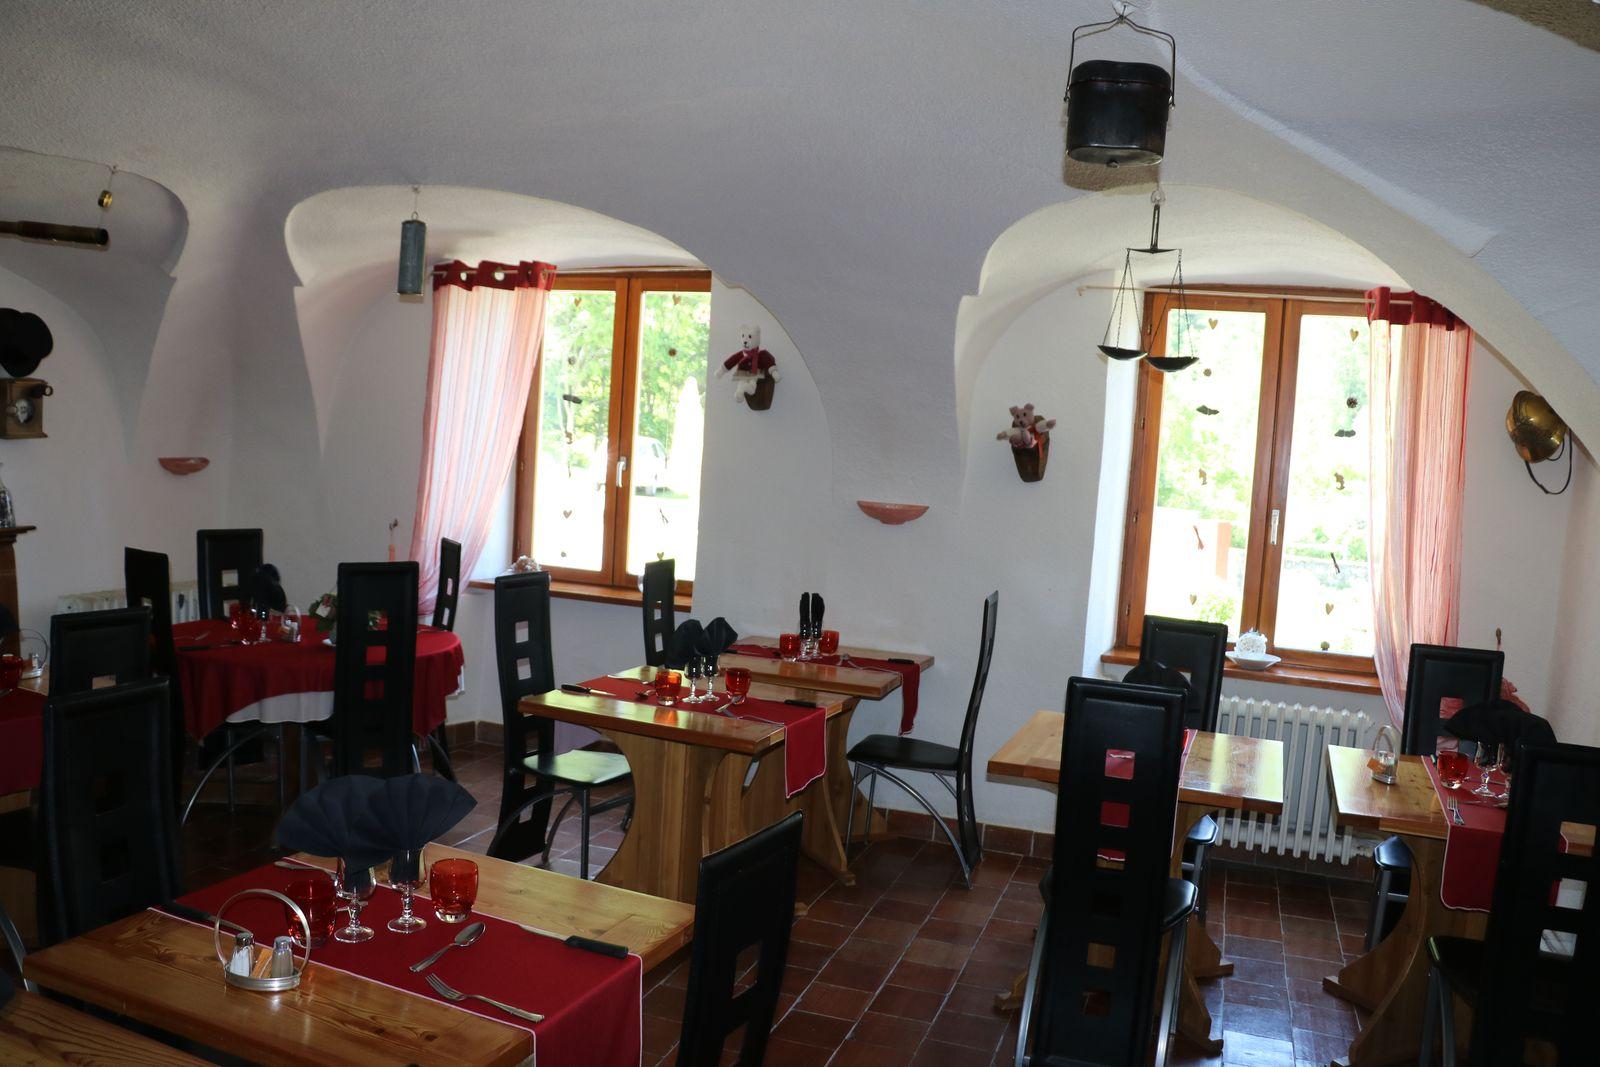 Restaurant-villar-d-arene1.jpg